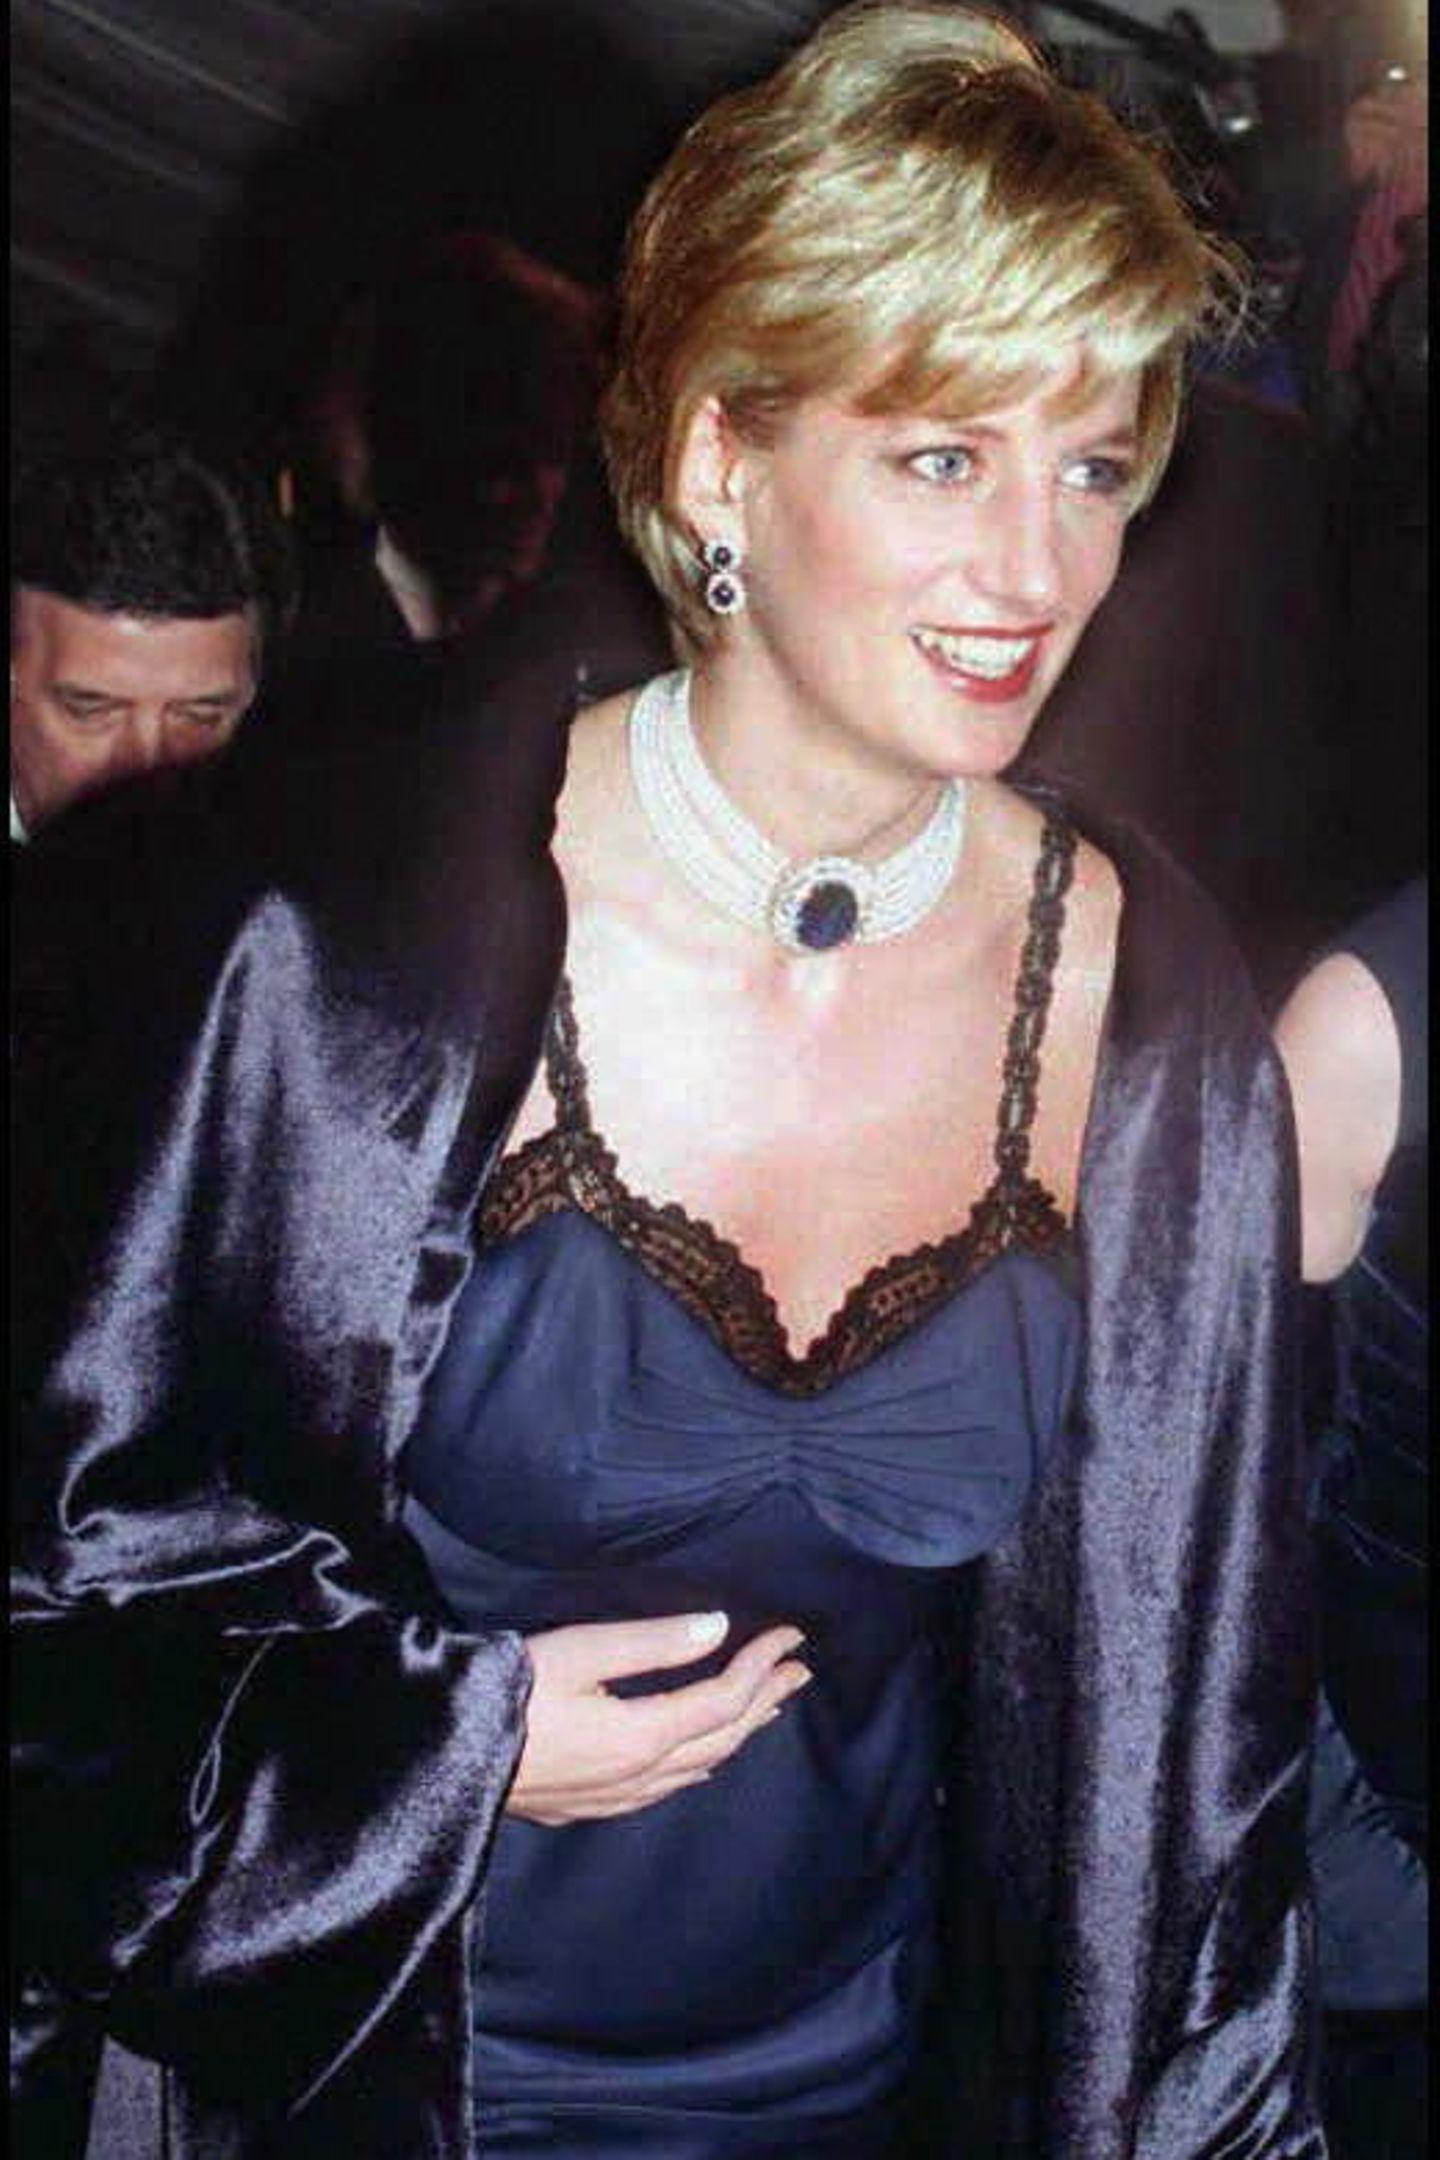 Diese Ohrringe gehörten wohl zu ihren liebsten, zumindest griff Prinzessin Diana immer wieder zu den kostbaren Schmuckstücken.Sie sind Teil einesSets aus Saphir- und Diamantschmuck und warenein Hochzeitsgeschenk der saudischen Königsfamilie, die die Schmuckstücke als Ergänzung zu Dianas Verlobungsring entwarfen.